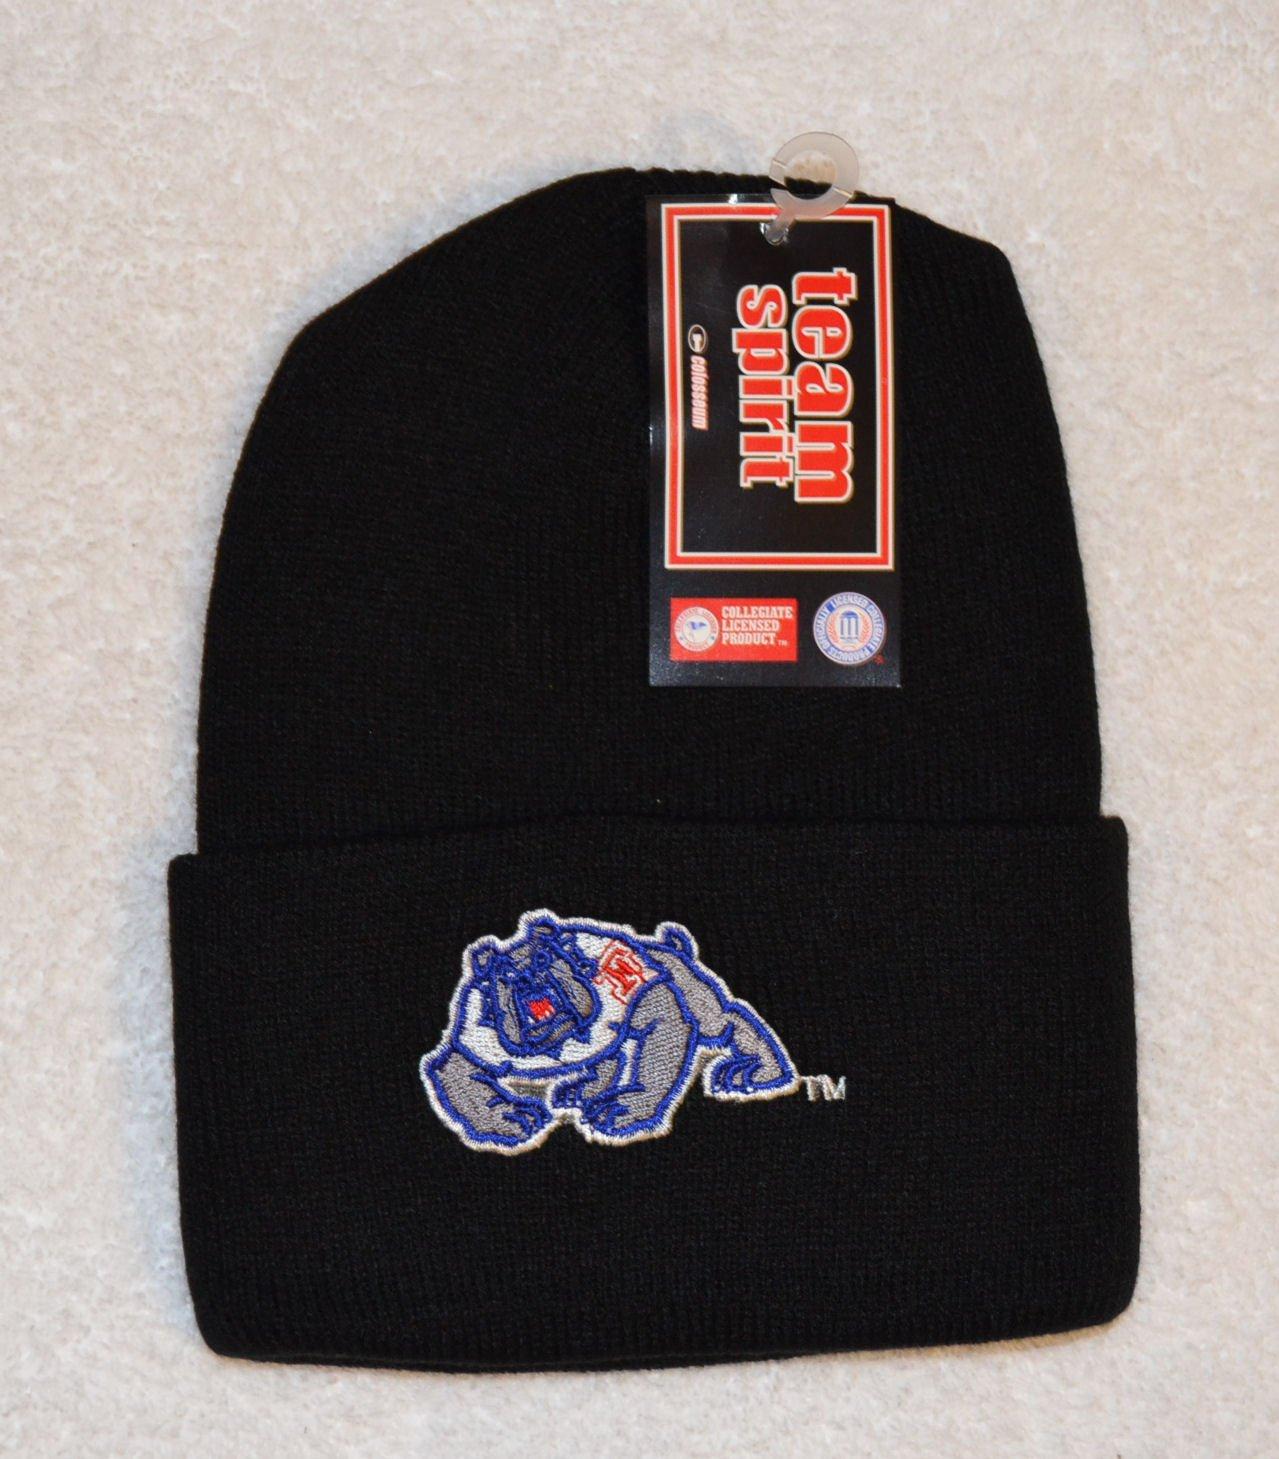 新しい。NCAAブラックFresno State Bulldogs刺繍ビーニースカルキャップwith Cuff   B00998OPS2